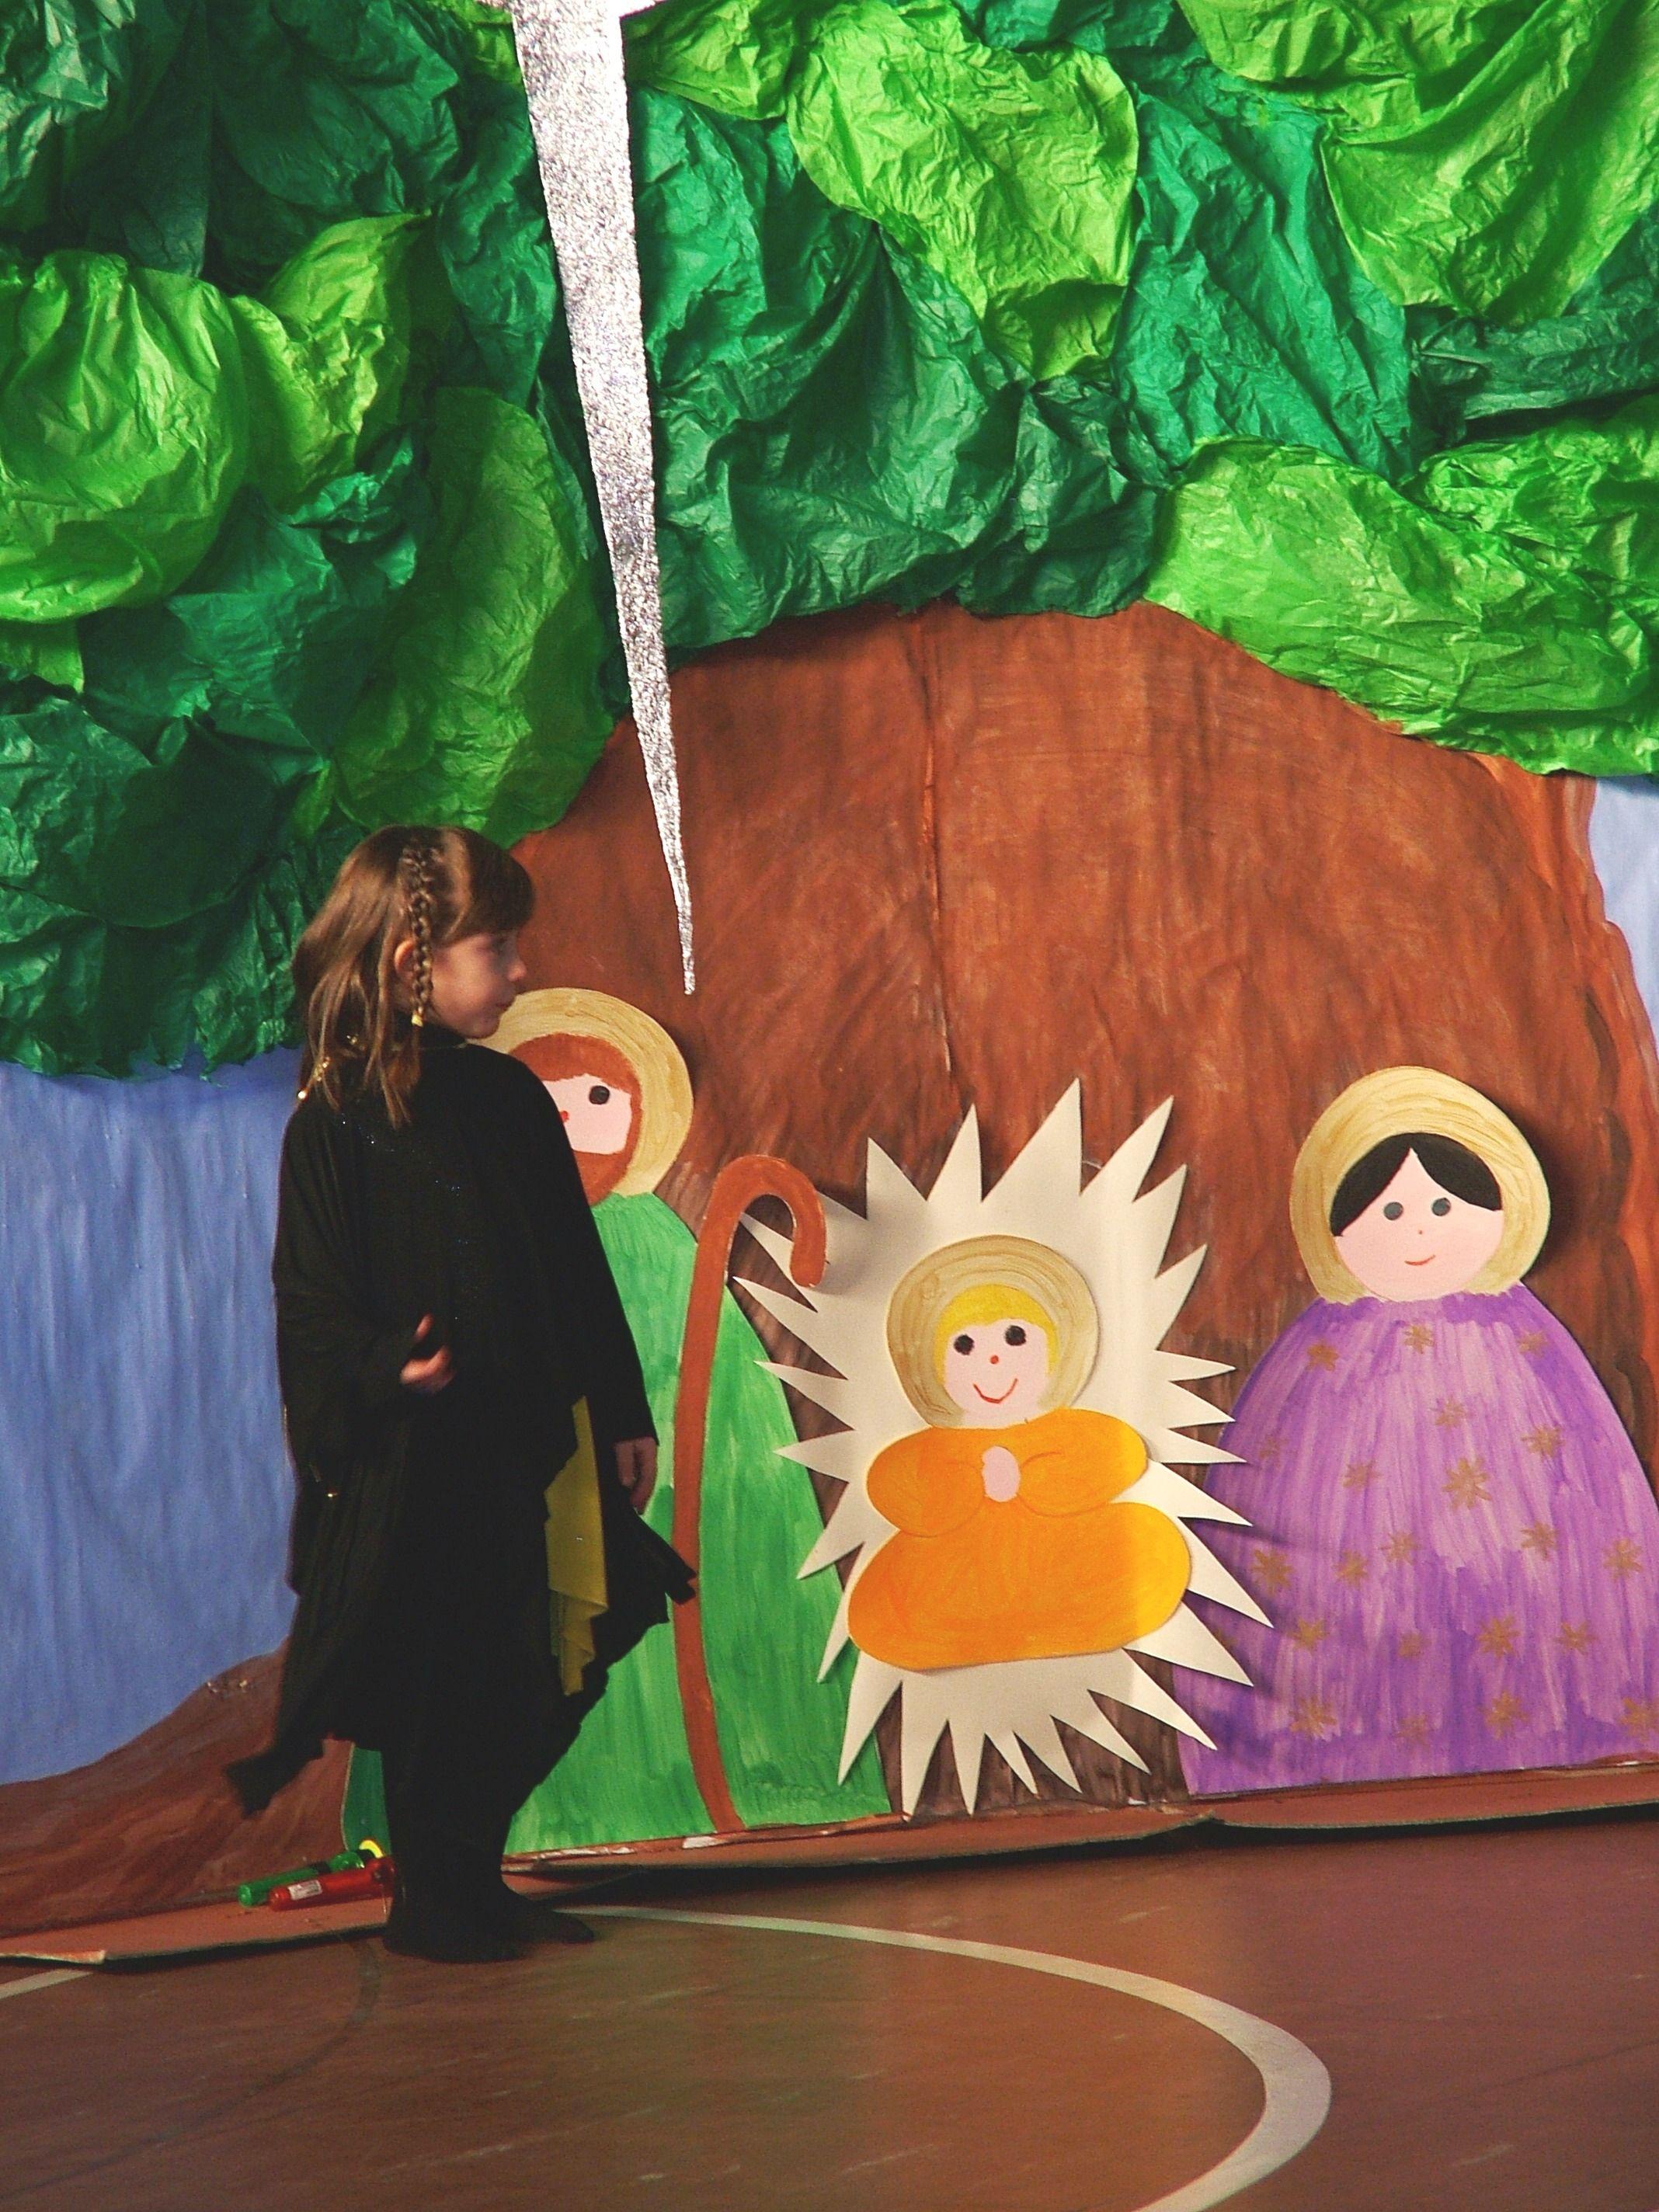 Natività Per La Recita Alla Scuola Una Dell'infanzia Natale 1wntqh40n zMUSVp